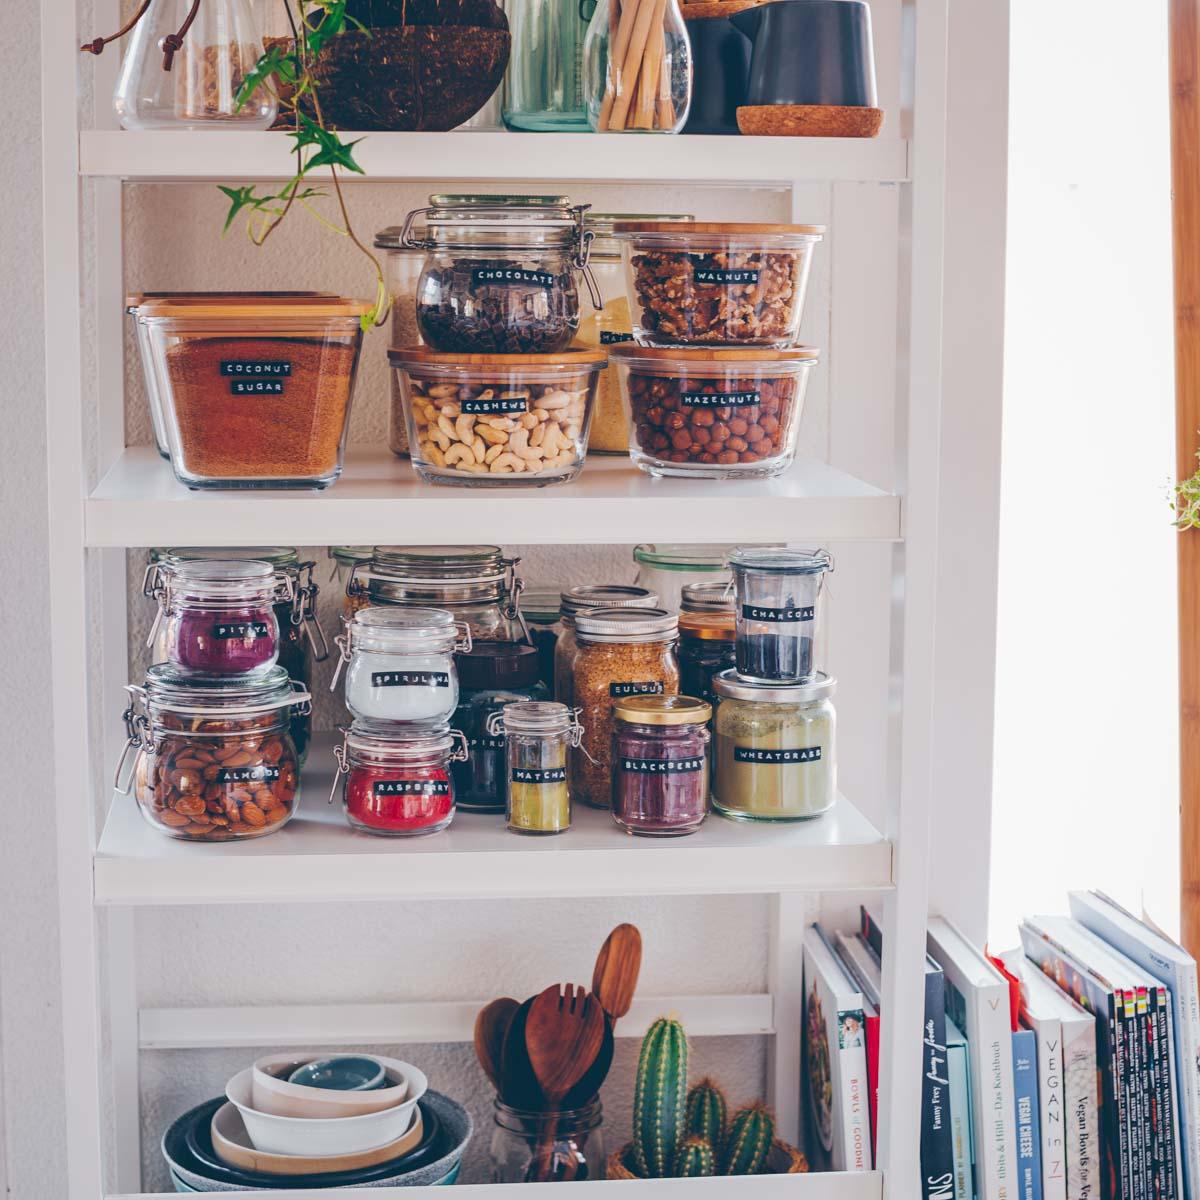 Ausgezeichnet Entwerfen Sie Ihre Eigenen Küche Layout Online ...